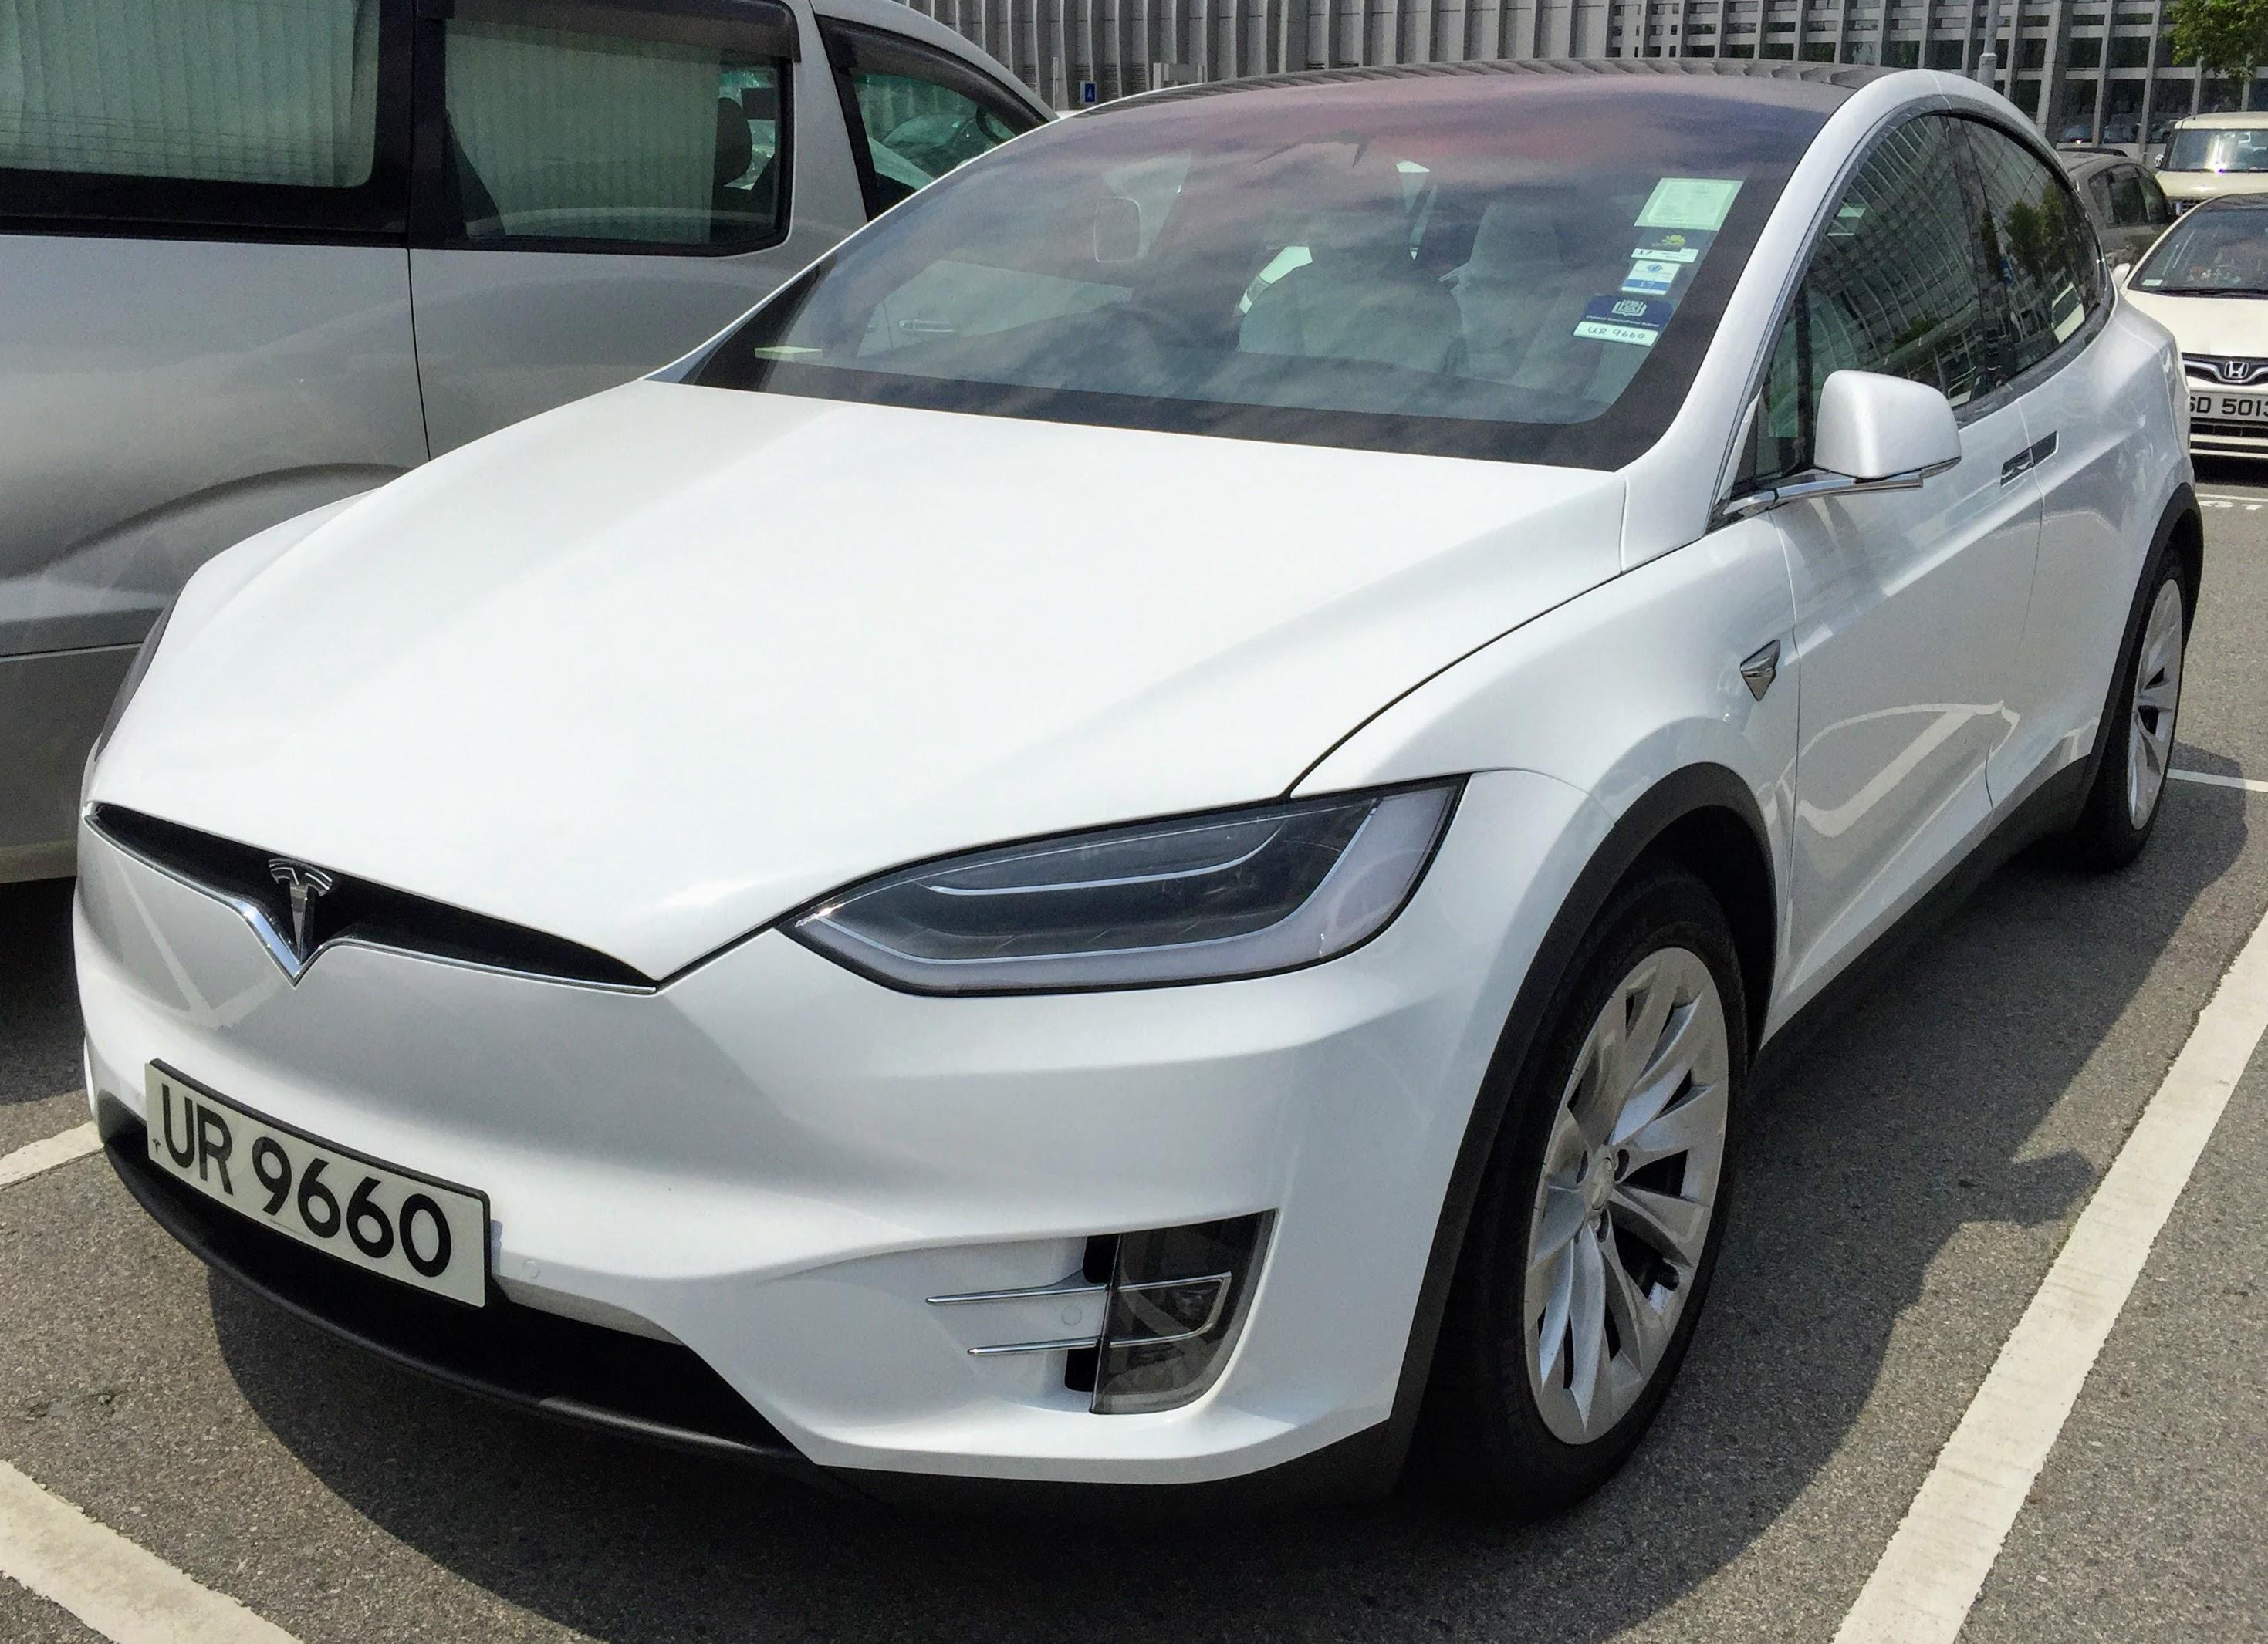 Model Y Wikipedia: File:White Tesla Model X 2016.jpg